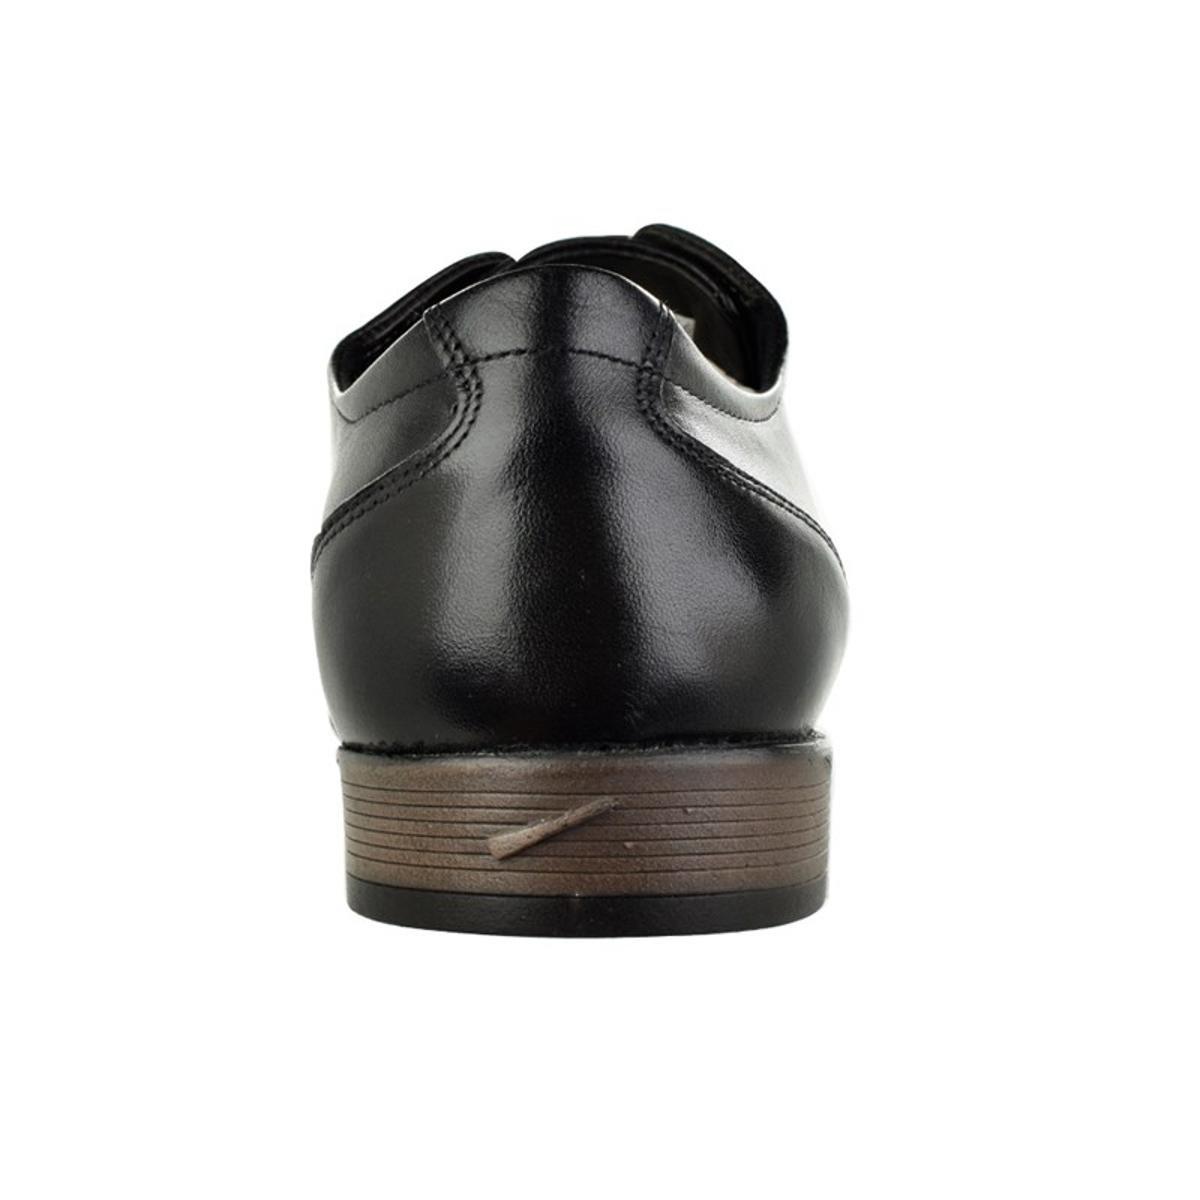 Sapato Social Ferracini Sidney Cadarço Masculino - Preto